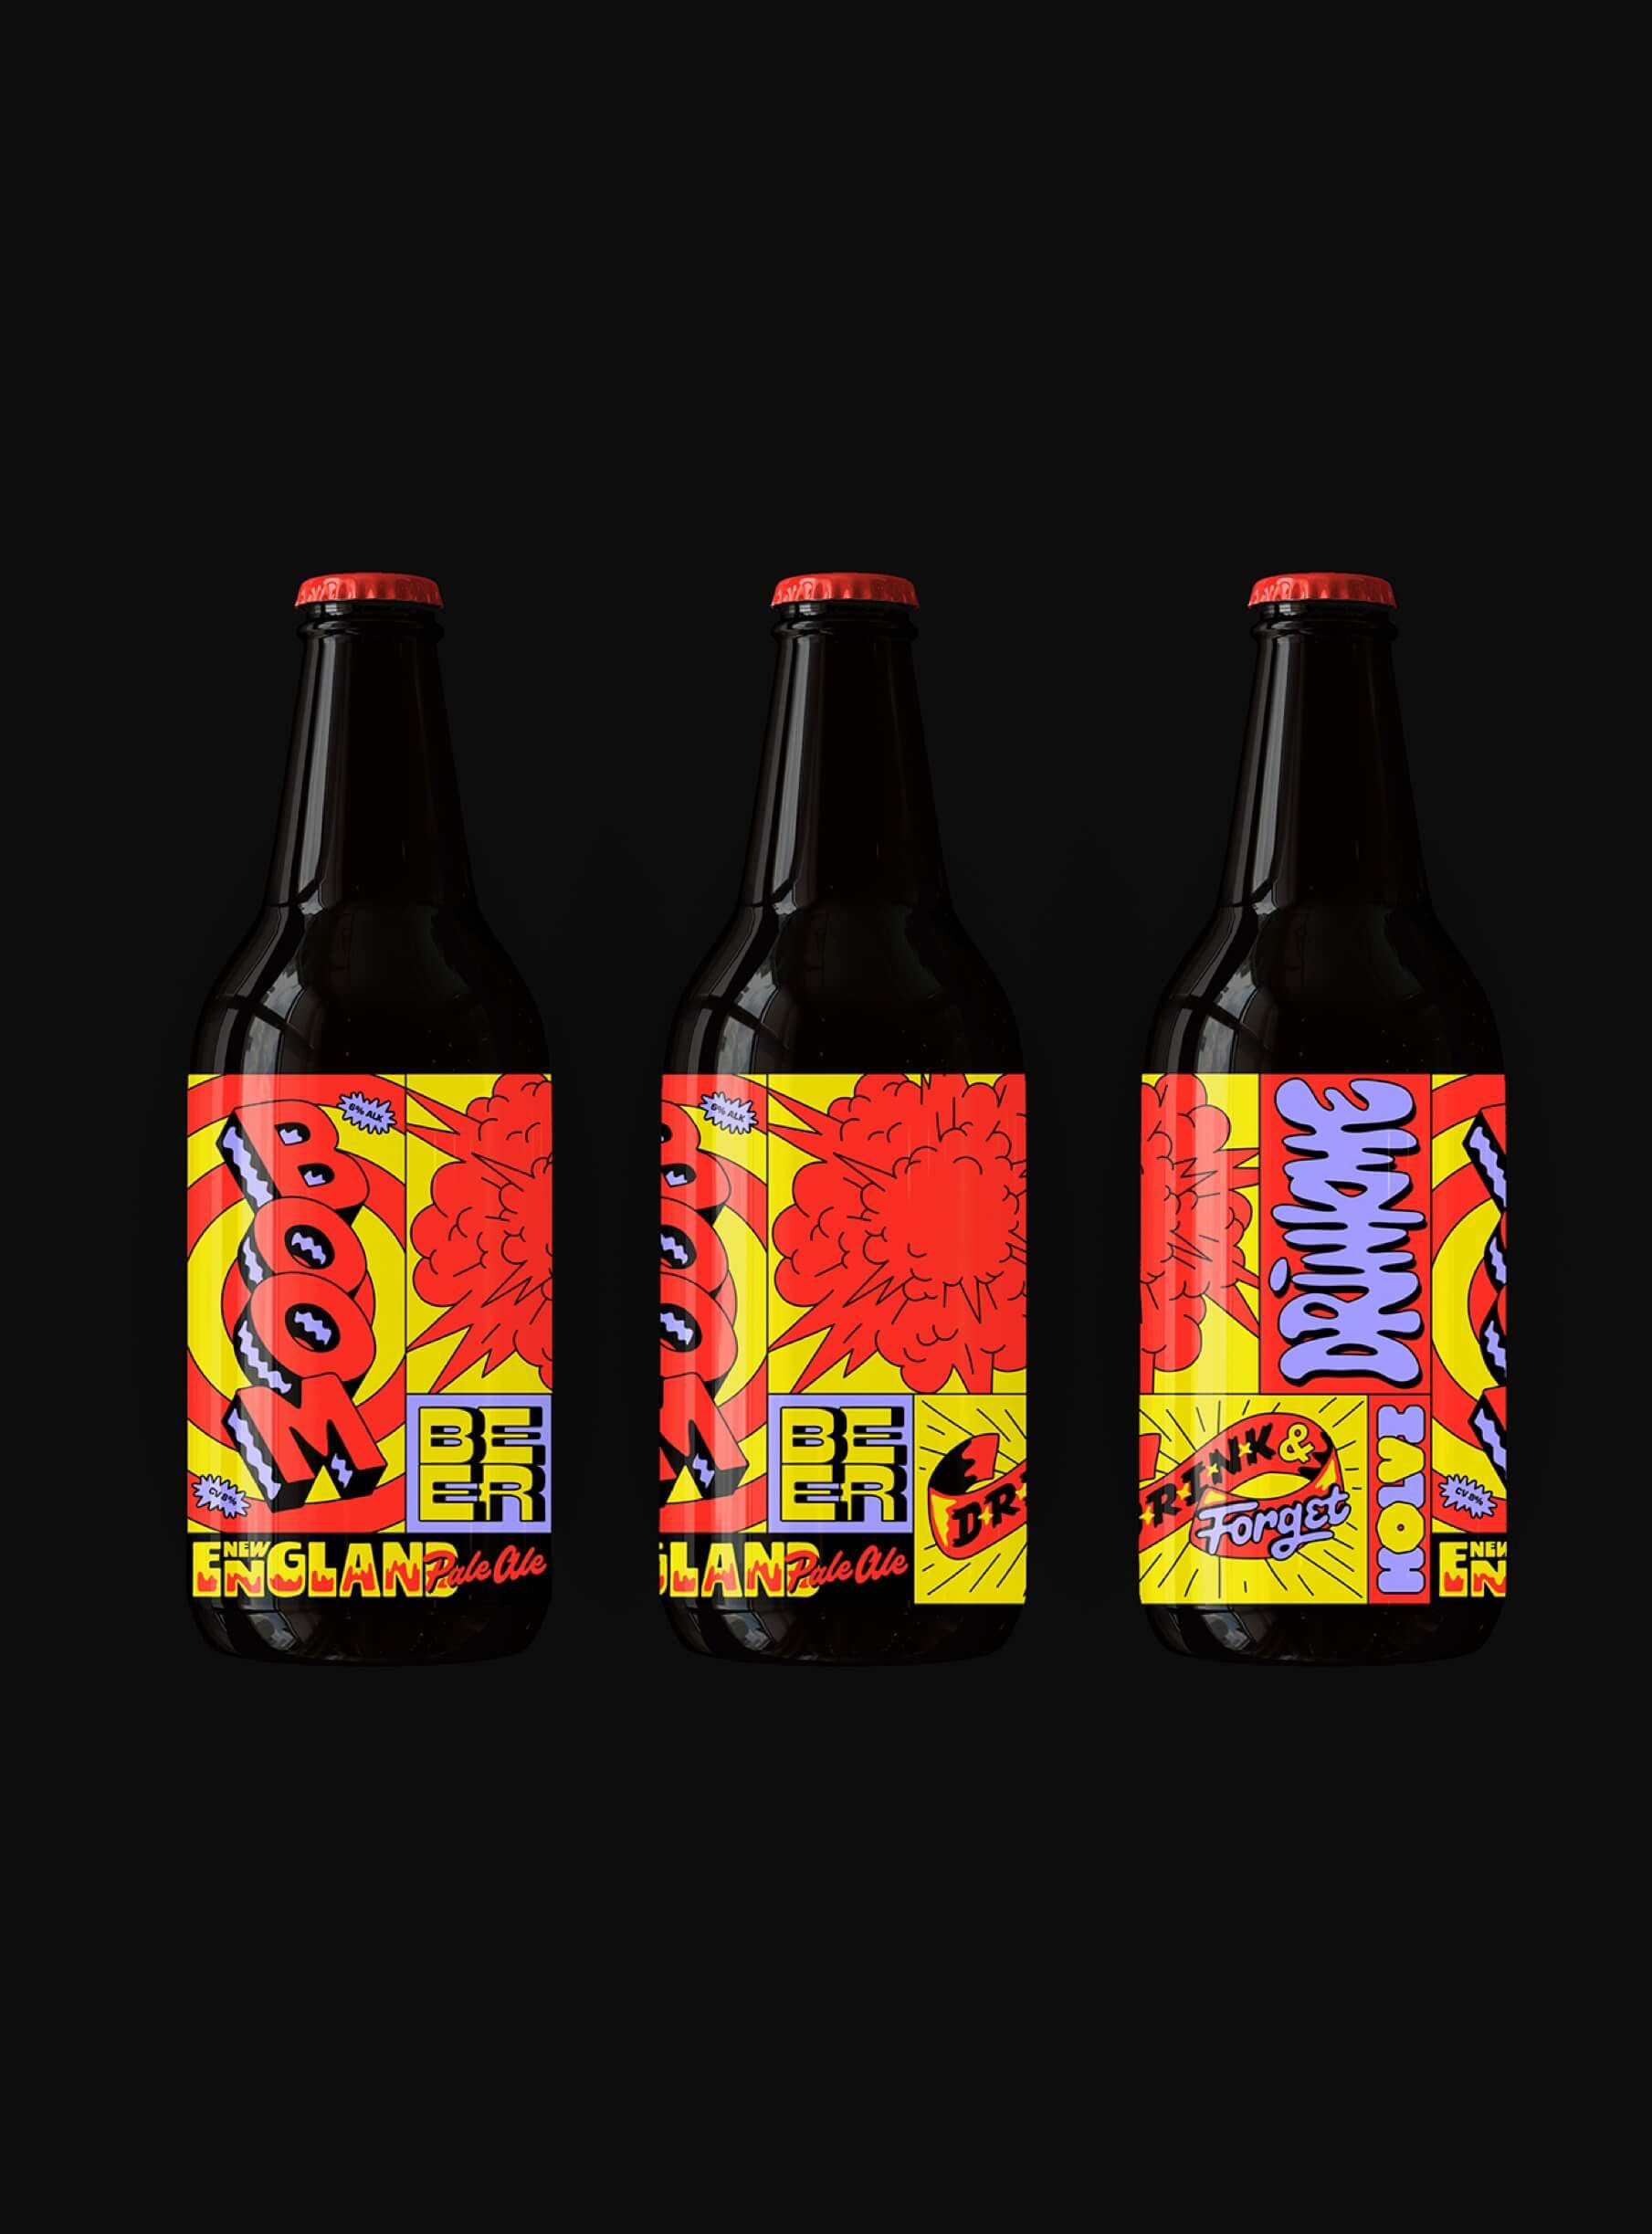 Imagem de embalagens para Boom Beer, uma cerveja comemorativa de Holvi, uma fintech baseada em Helsinki.